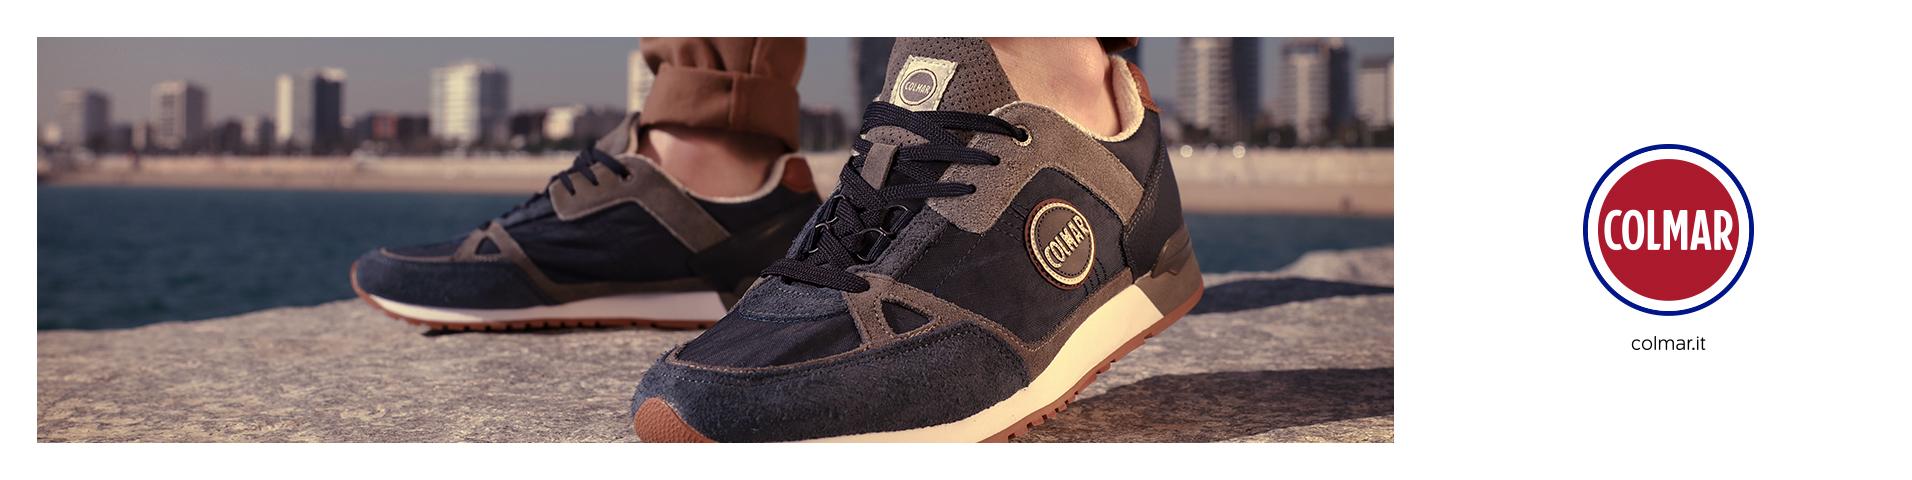 Chaussures homme Colmar vert | Large choix en ligne sur Zalando